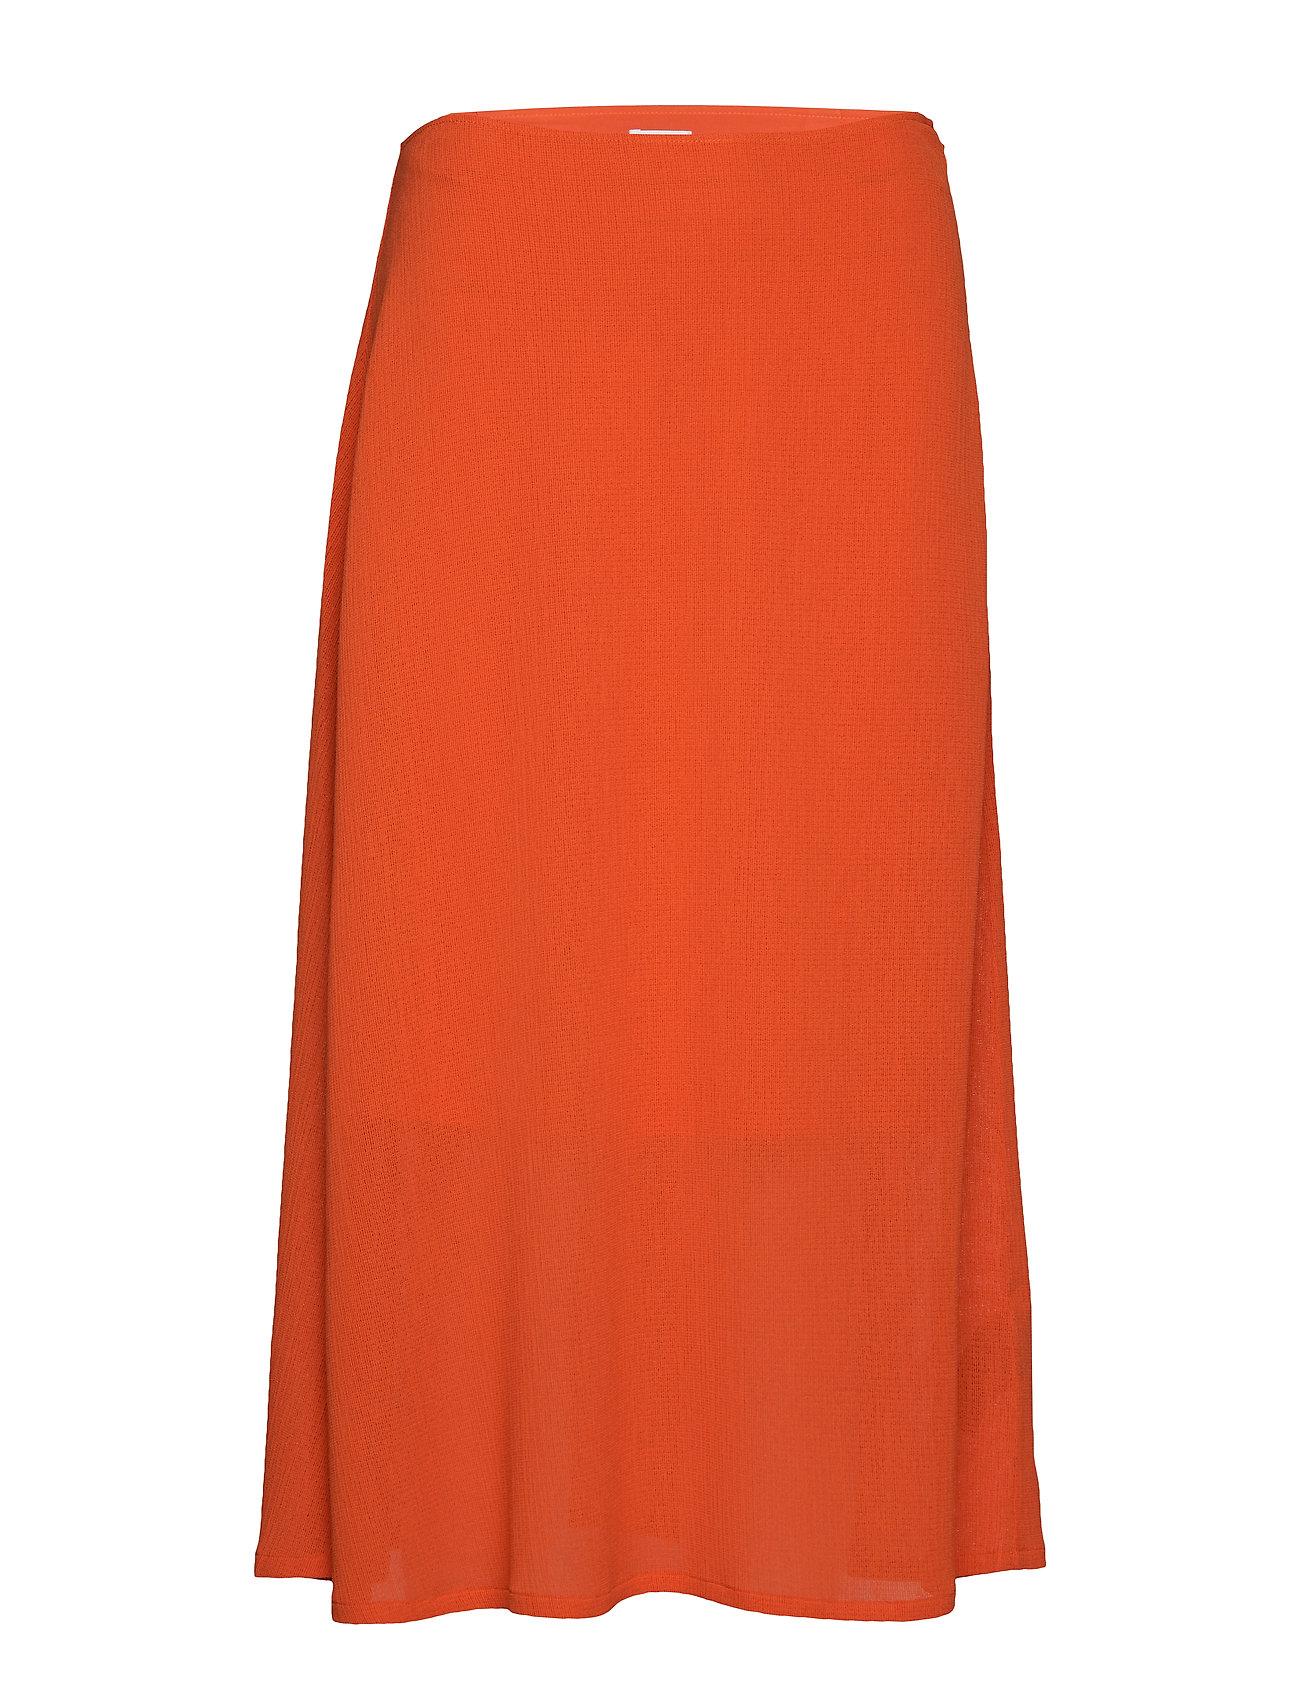 Filippa K Mesh Skirt - TANGERINE